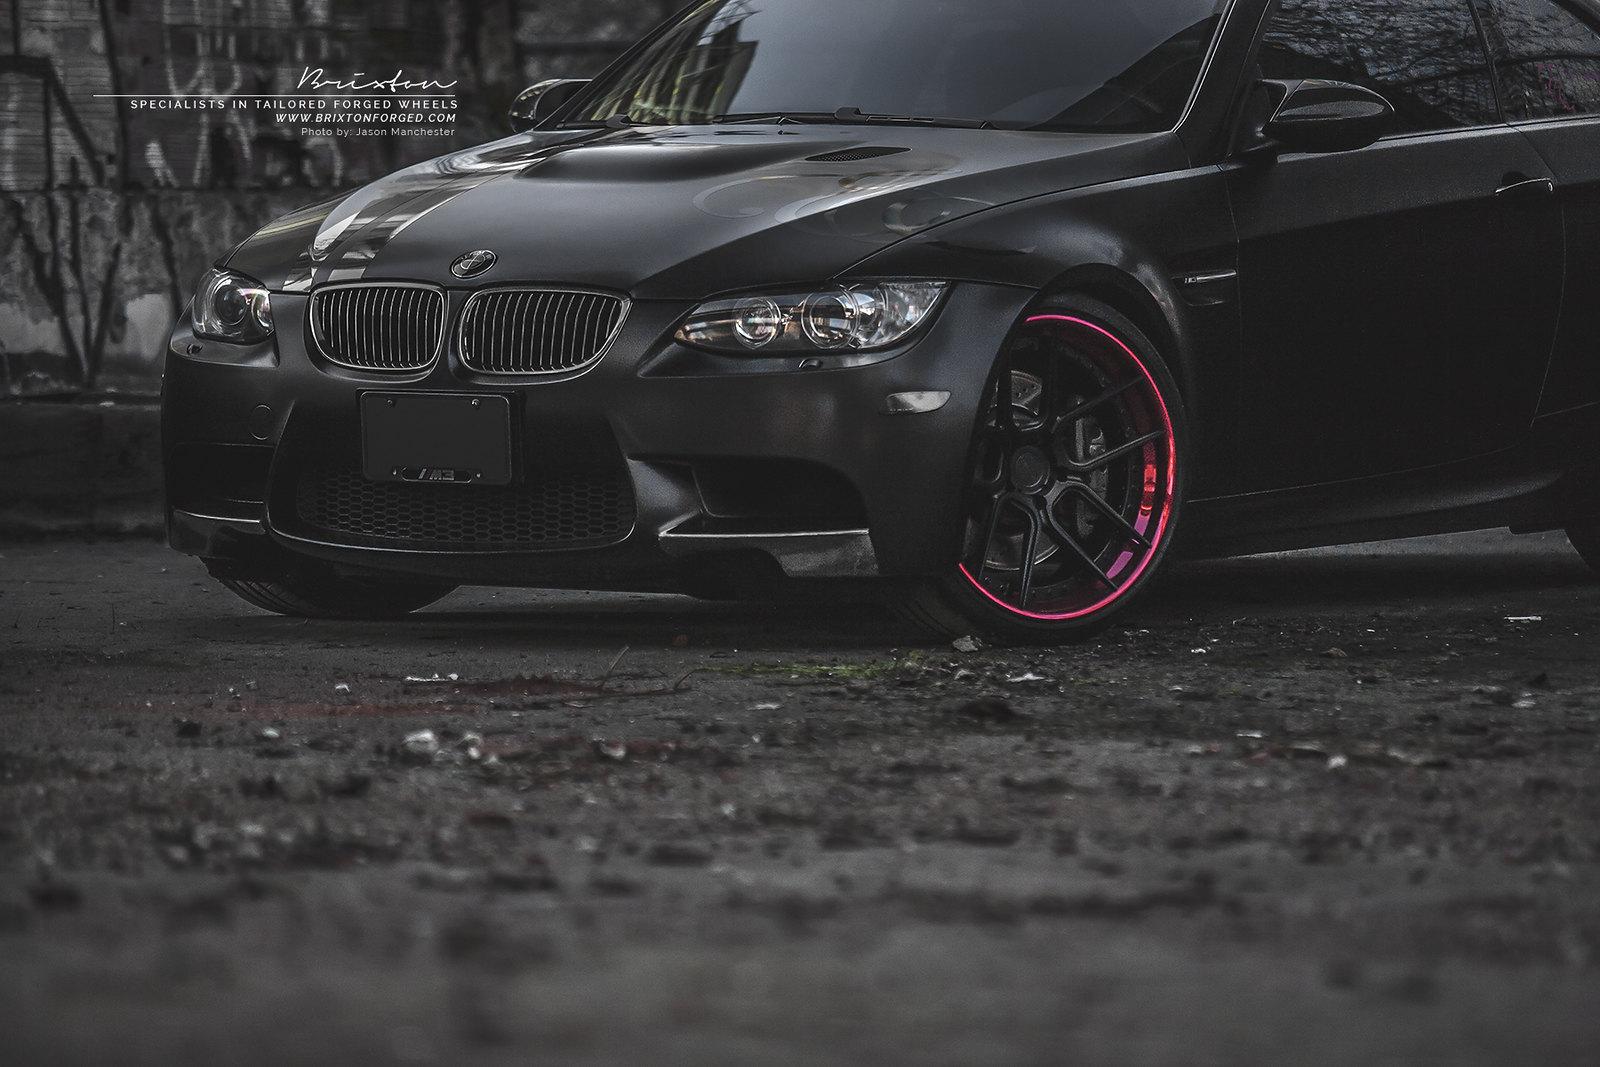 Elk Grove Ford >> 666 Malicious   BMW E92 M3 x BRIXTON FORGED CM5